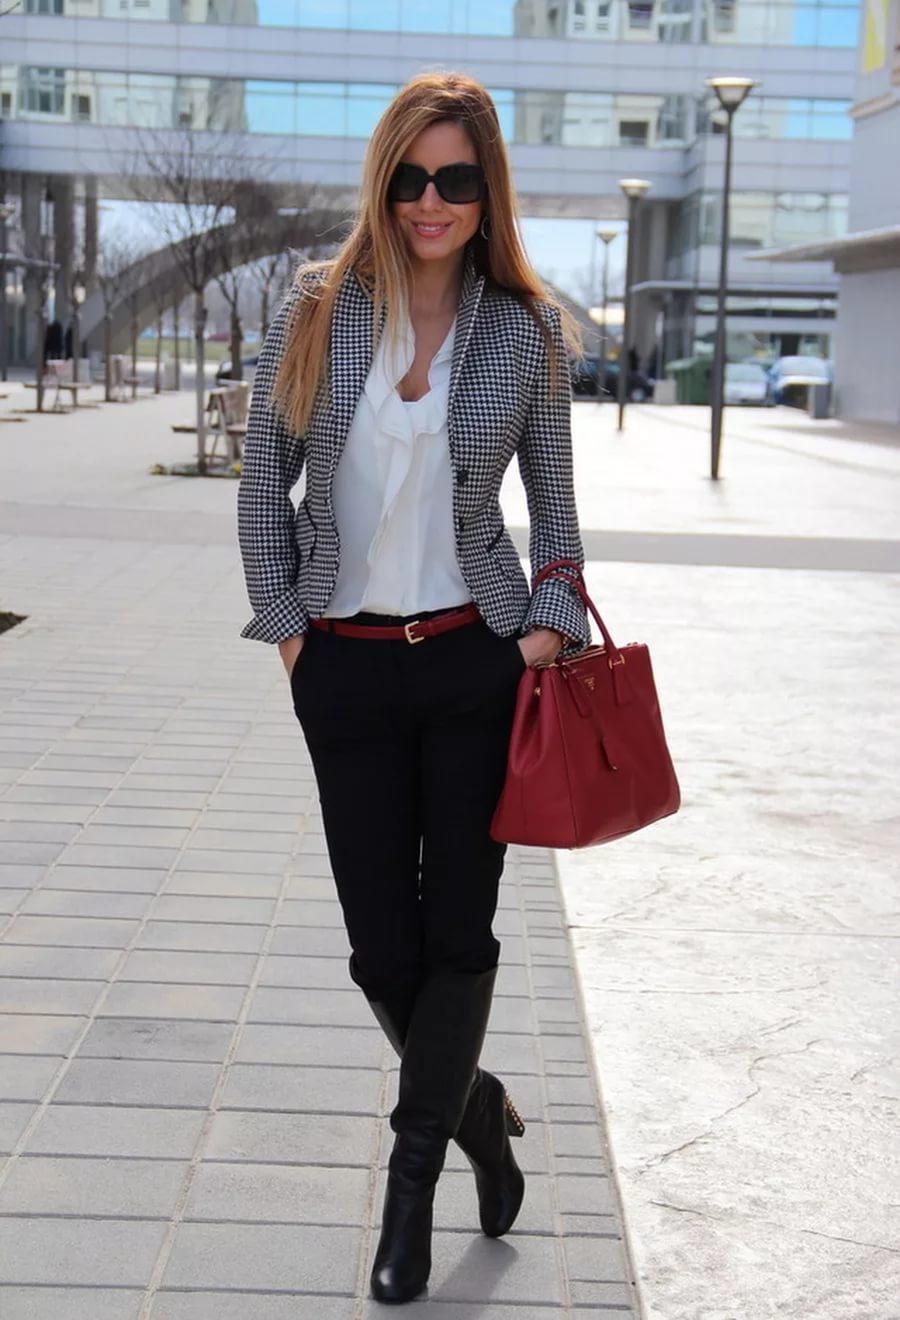 Бизнес леди в клетчатом кардигане и черных брюках с высокими кожаными сапогами.